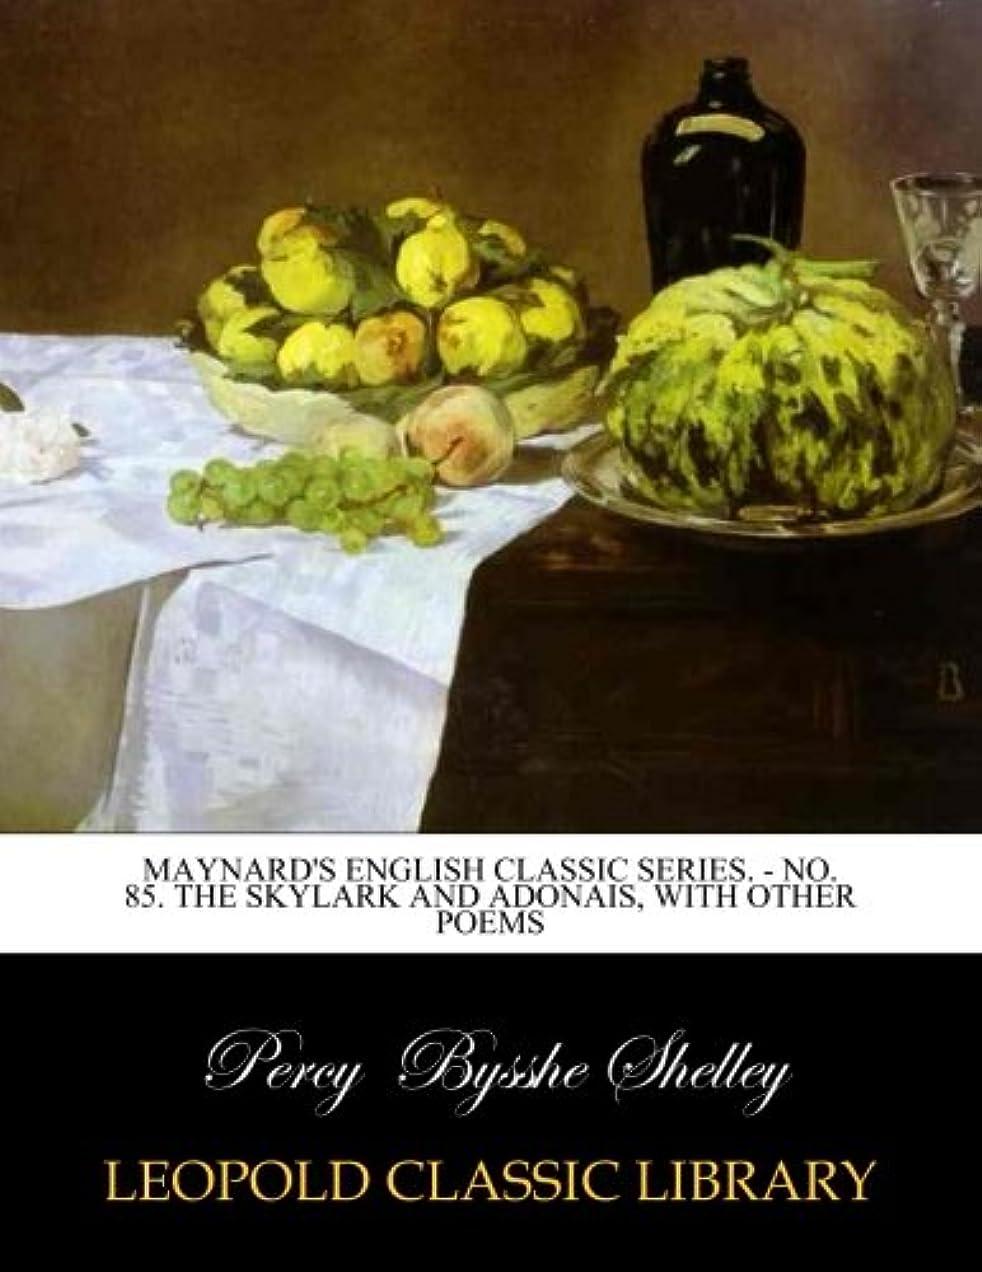 まぶしさ乞食思い出すMaynard's english classic series. - No. 85. The Skylark and Adonais, with other poems